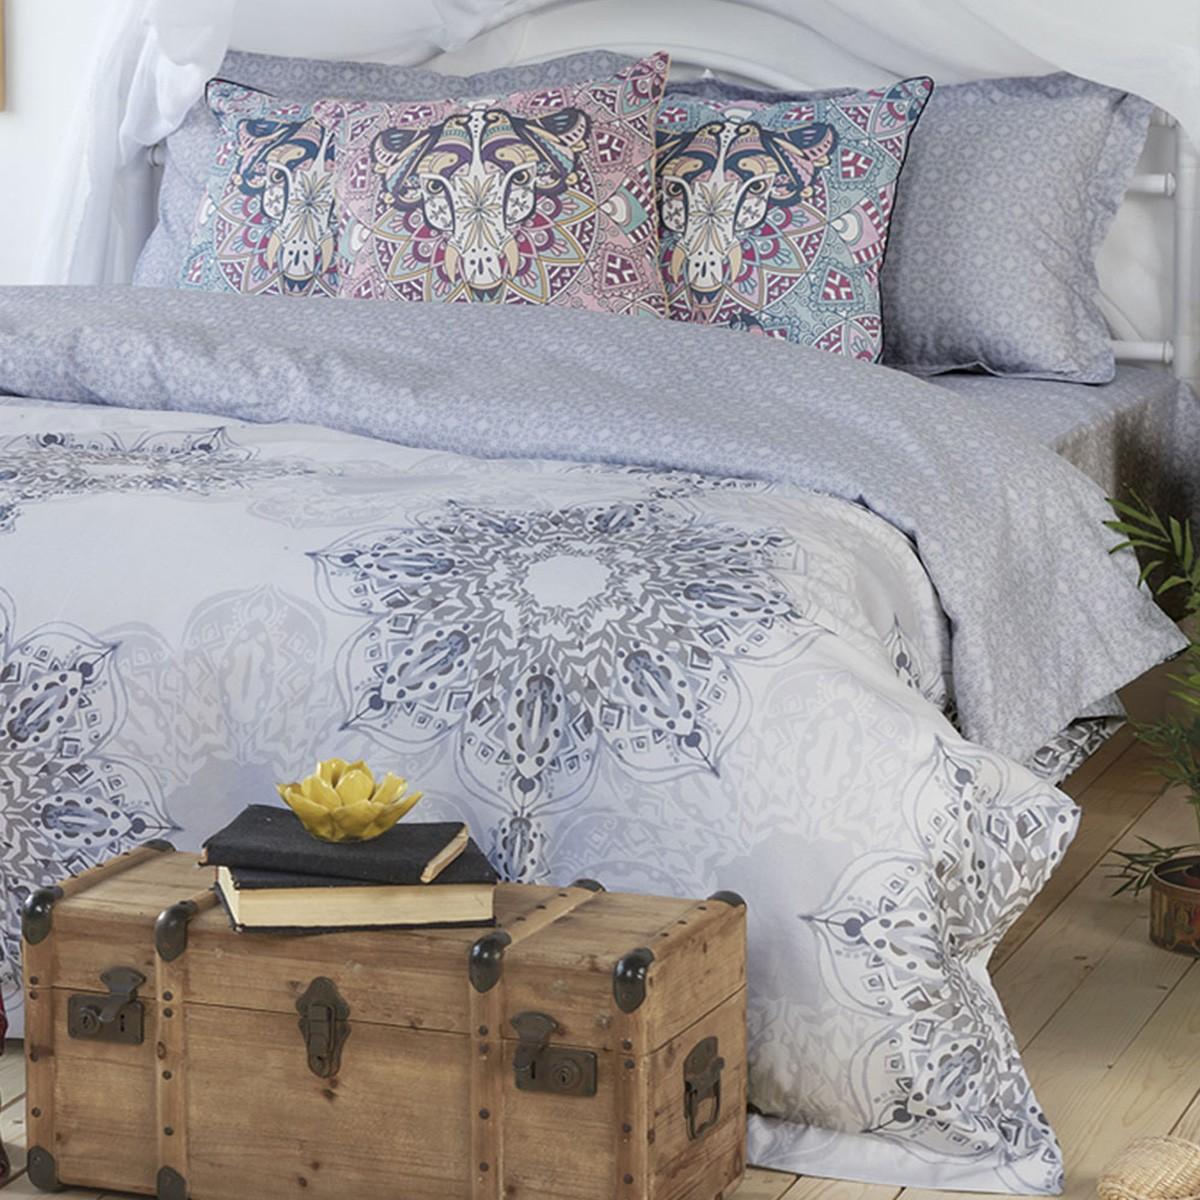 Σεντόνια Υπέρδιπλα (Σετ) Kentia Stylish Mandala 32 home   κρεβατοκάμαρα   σεντόνια   σεντόνια υπέρδιπλα